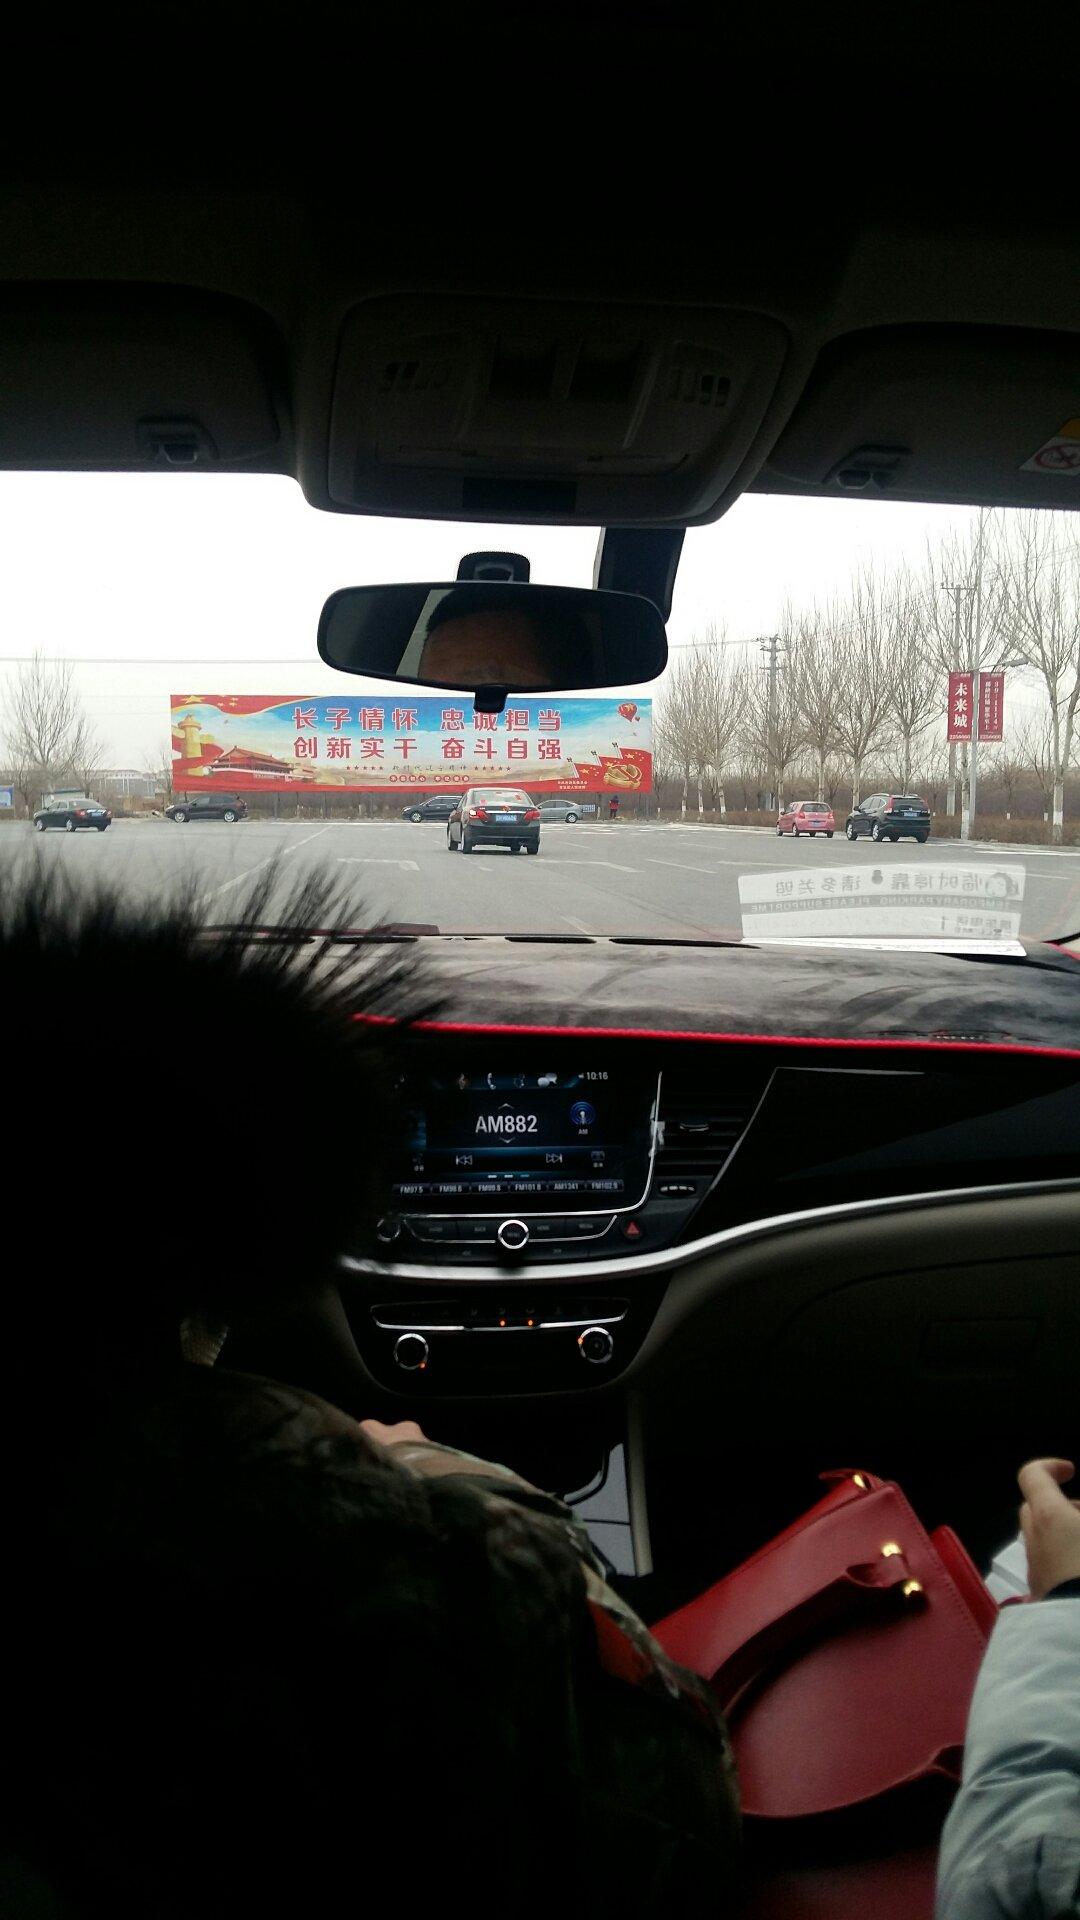 辽宁省营口市老边区柳树镇上白线天气预报